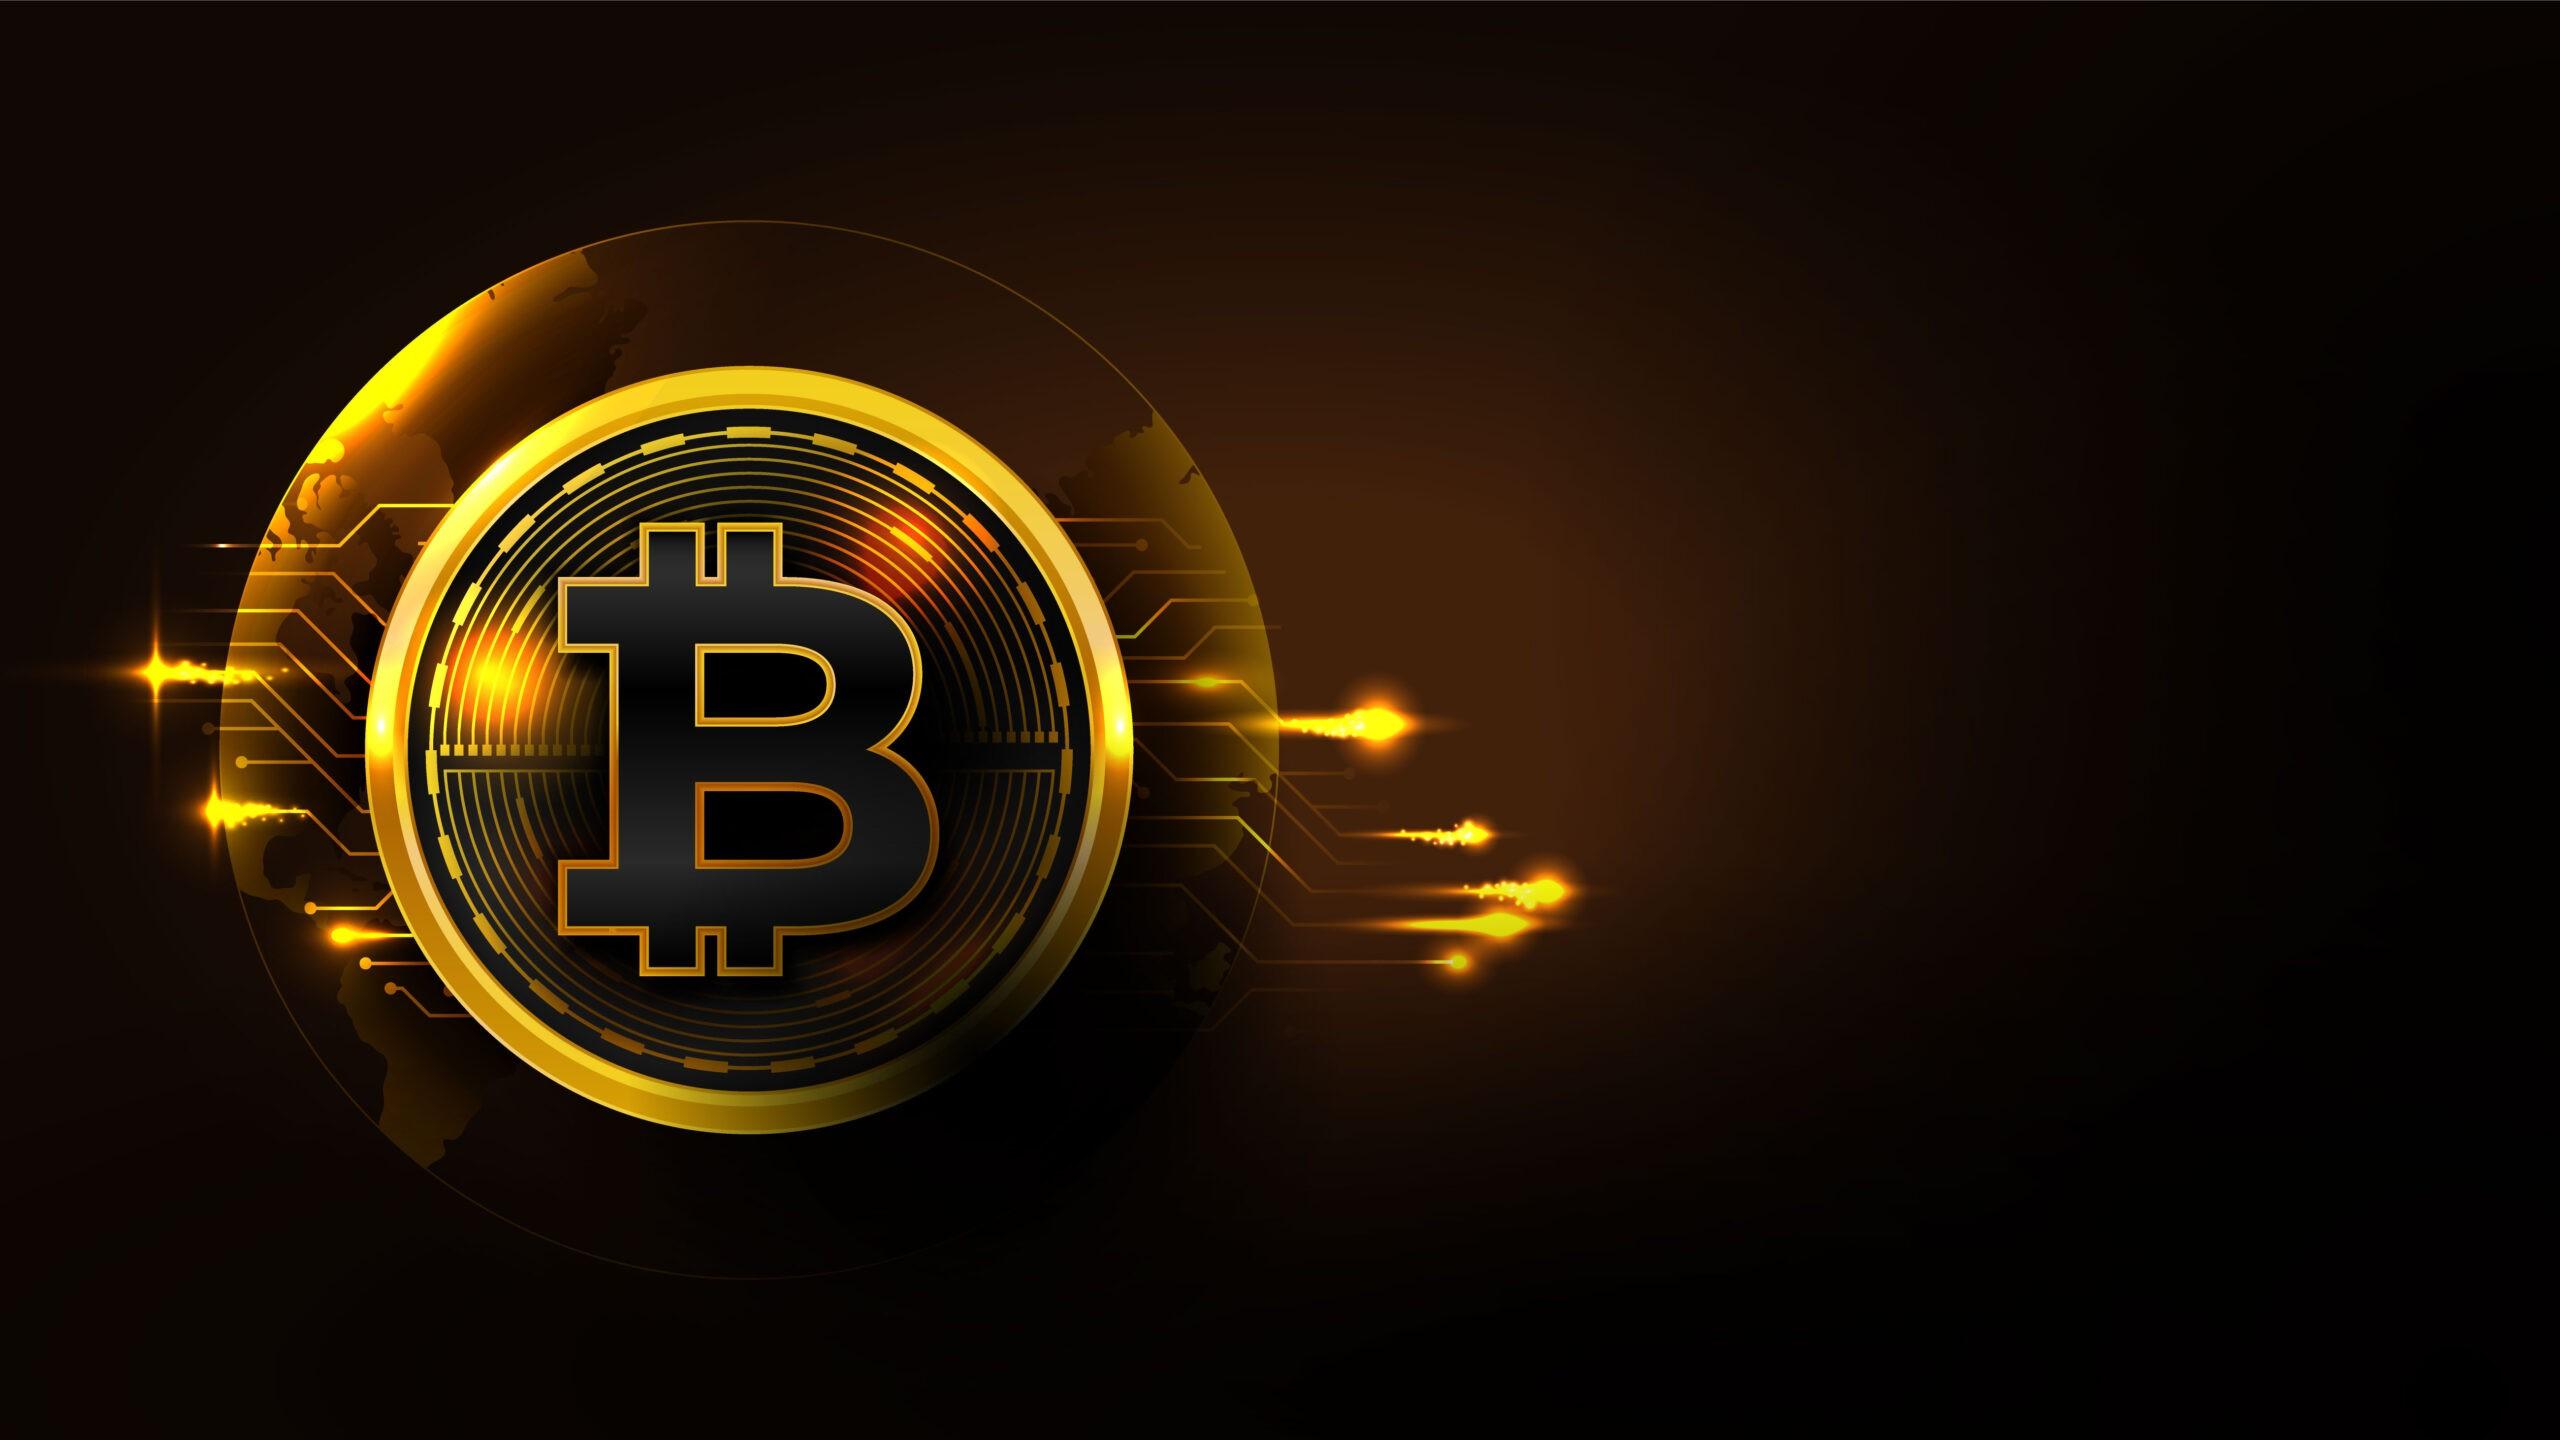 Bitcoin, Kripto Para ve Diğer Coin borsaları için Avukat görüşü